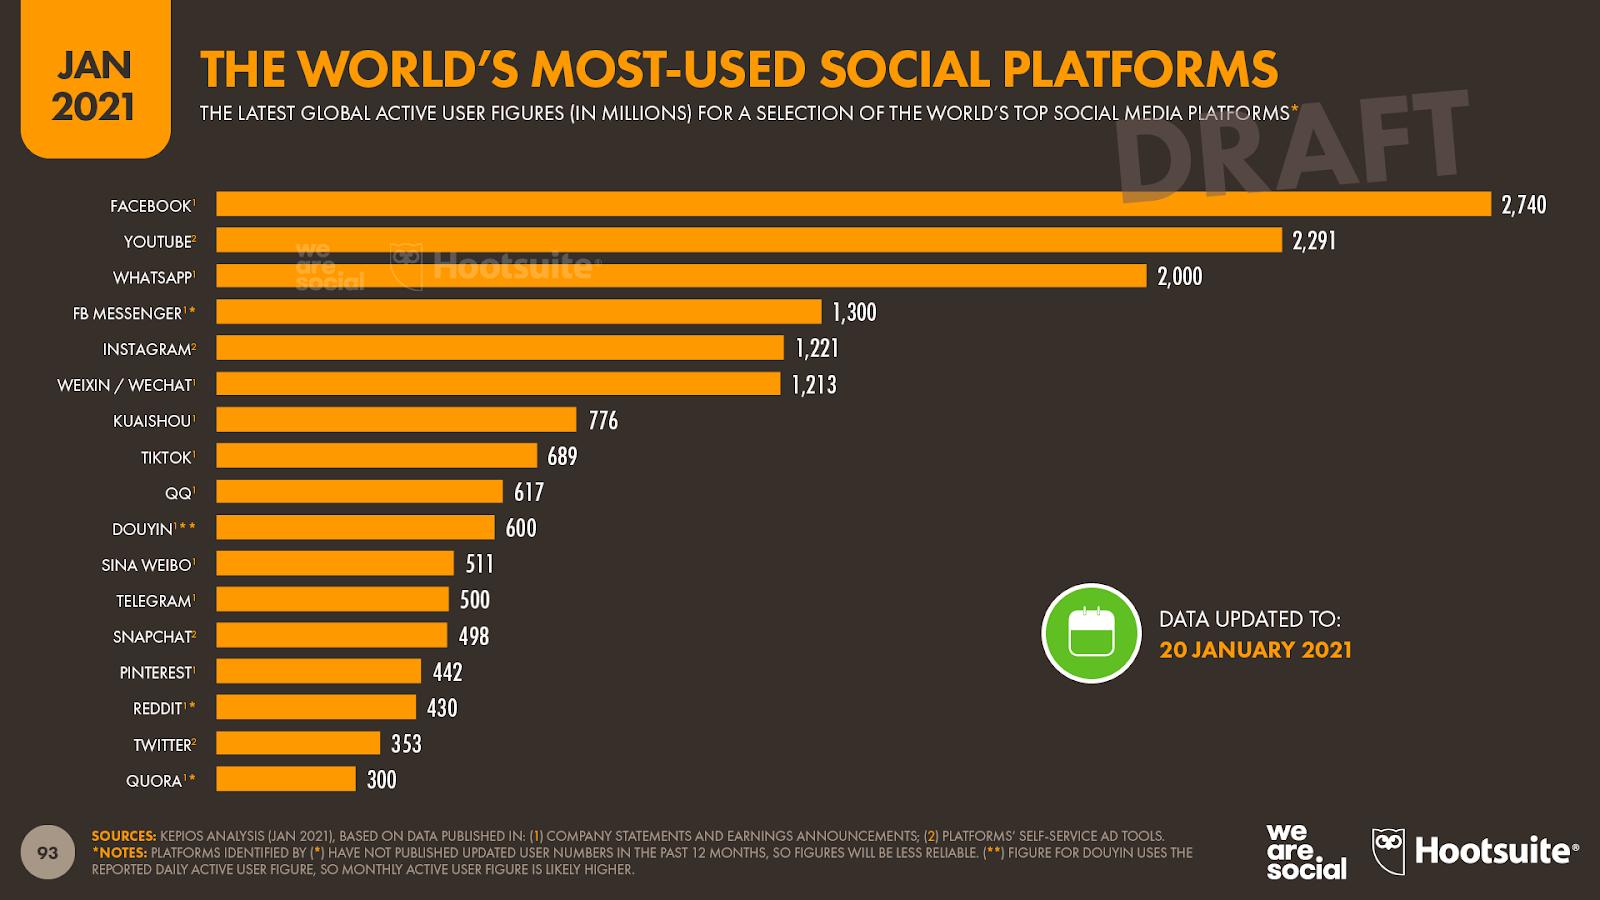 Le graphique des plateformes sociales les plus utilisées au monde.